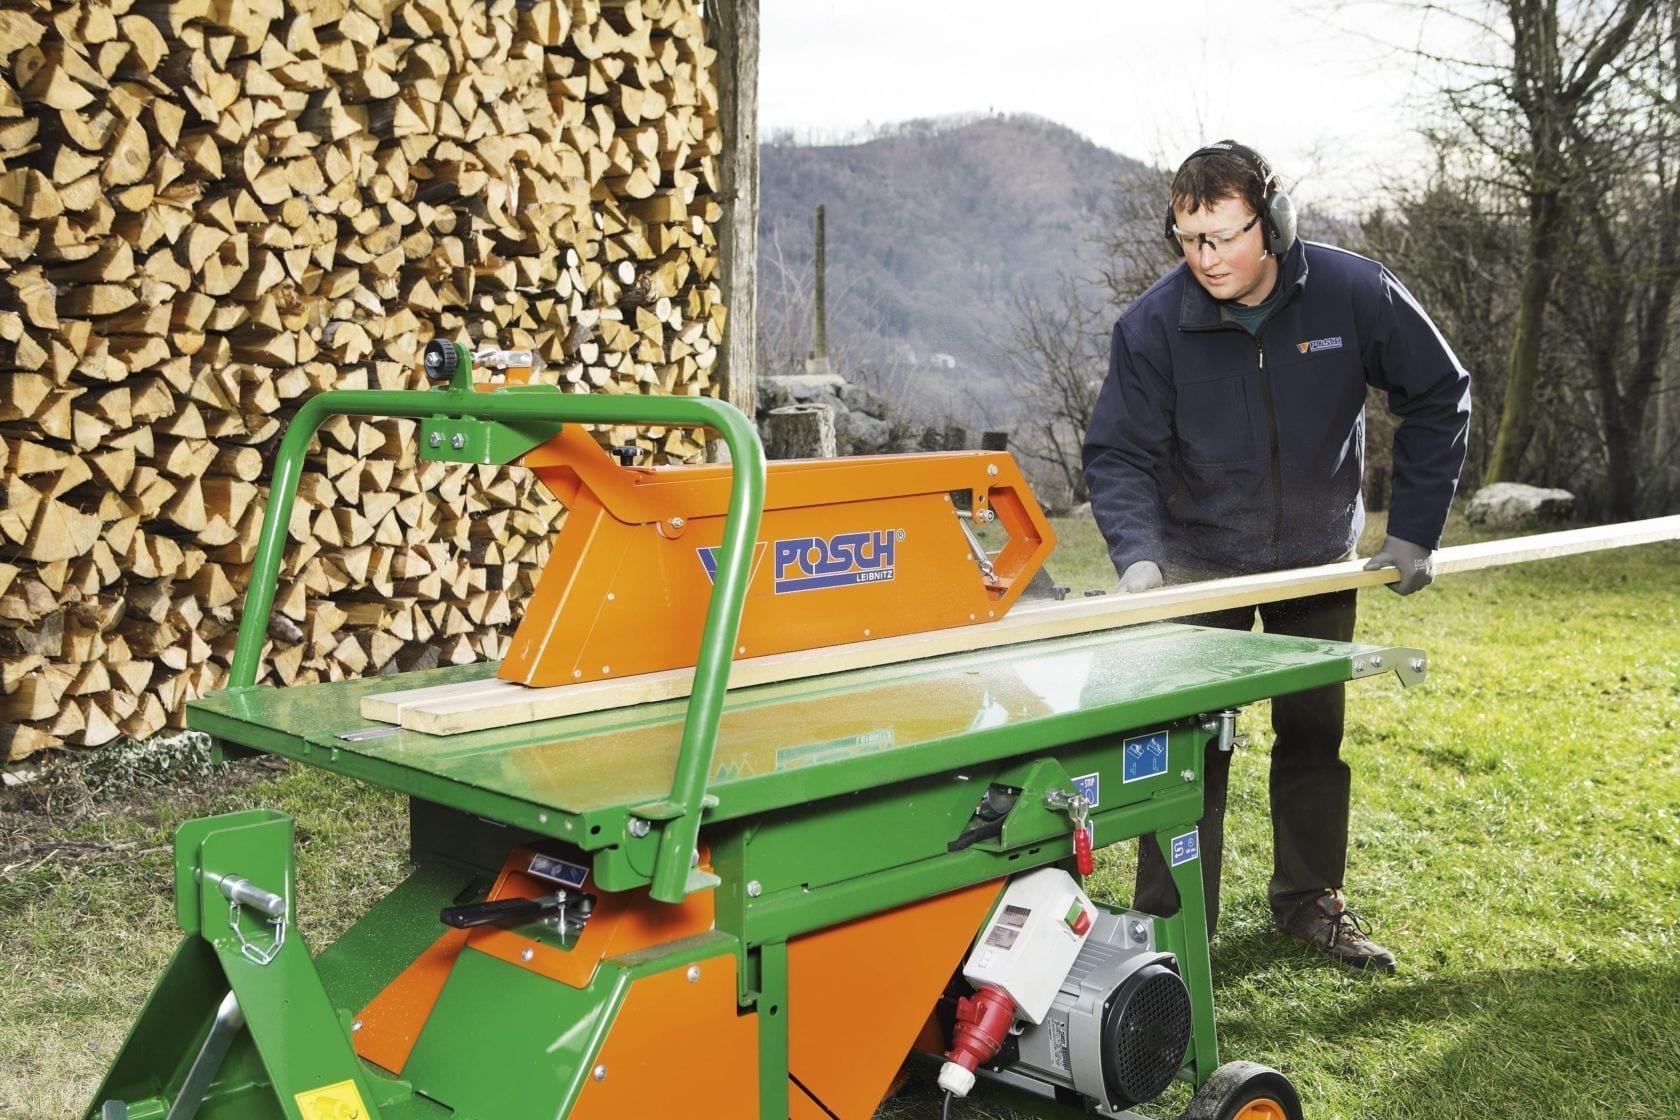 La grande table qui permet de déposer le bois de manière sécurisée et le protecteur intégré assurent un guidage sécurisé des bûches.